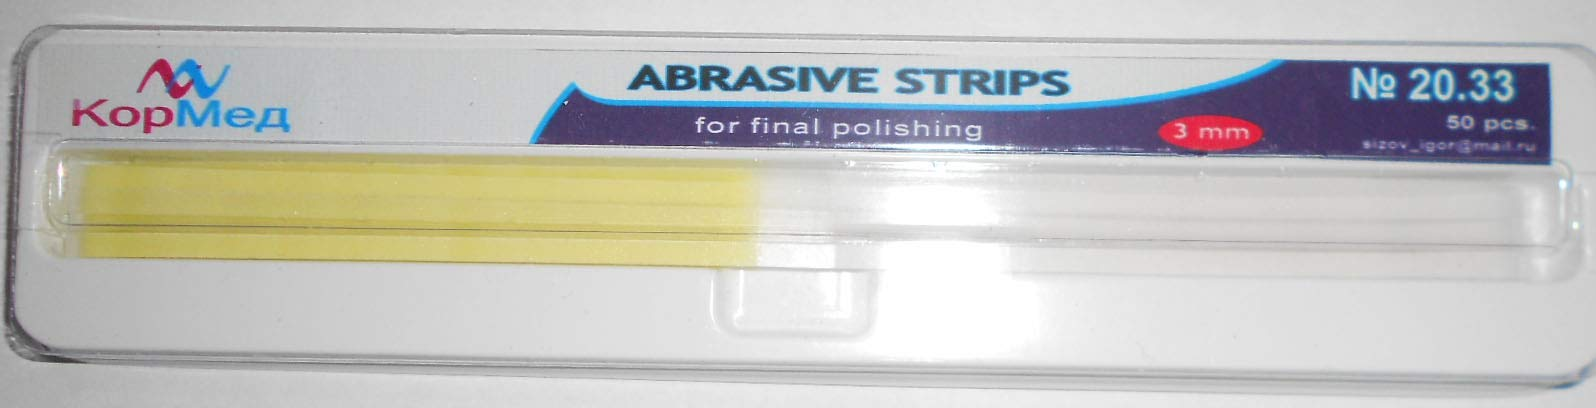 Dental Abrasive Strips for Polishing